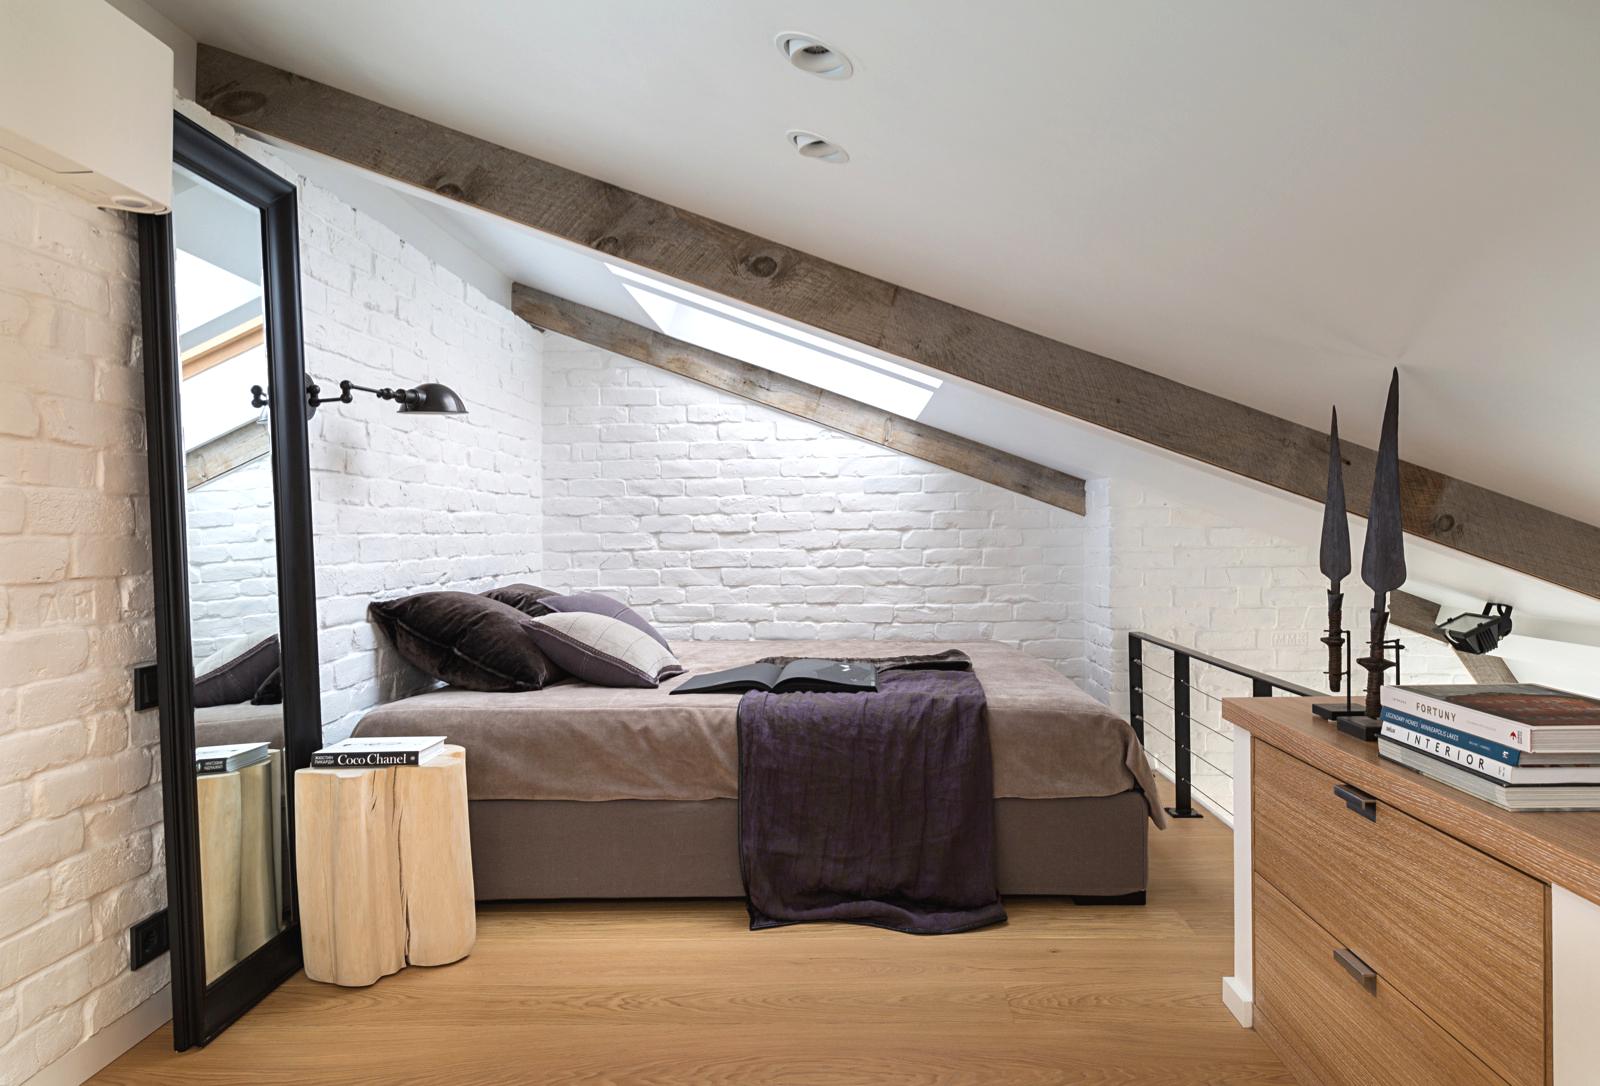 Chambre mansardée lumineuse avec une lampe de chevet montée sur le mur au-dessus du lit